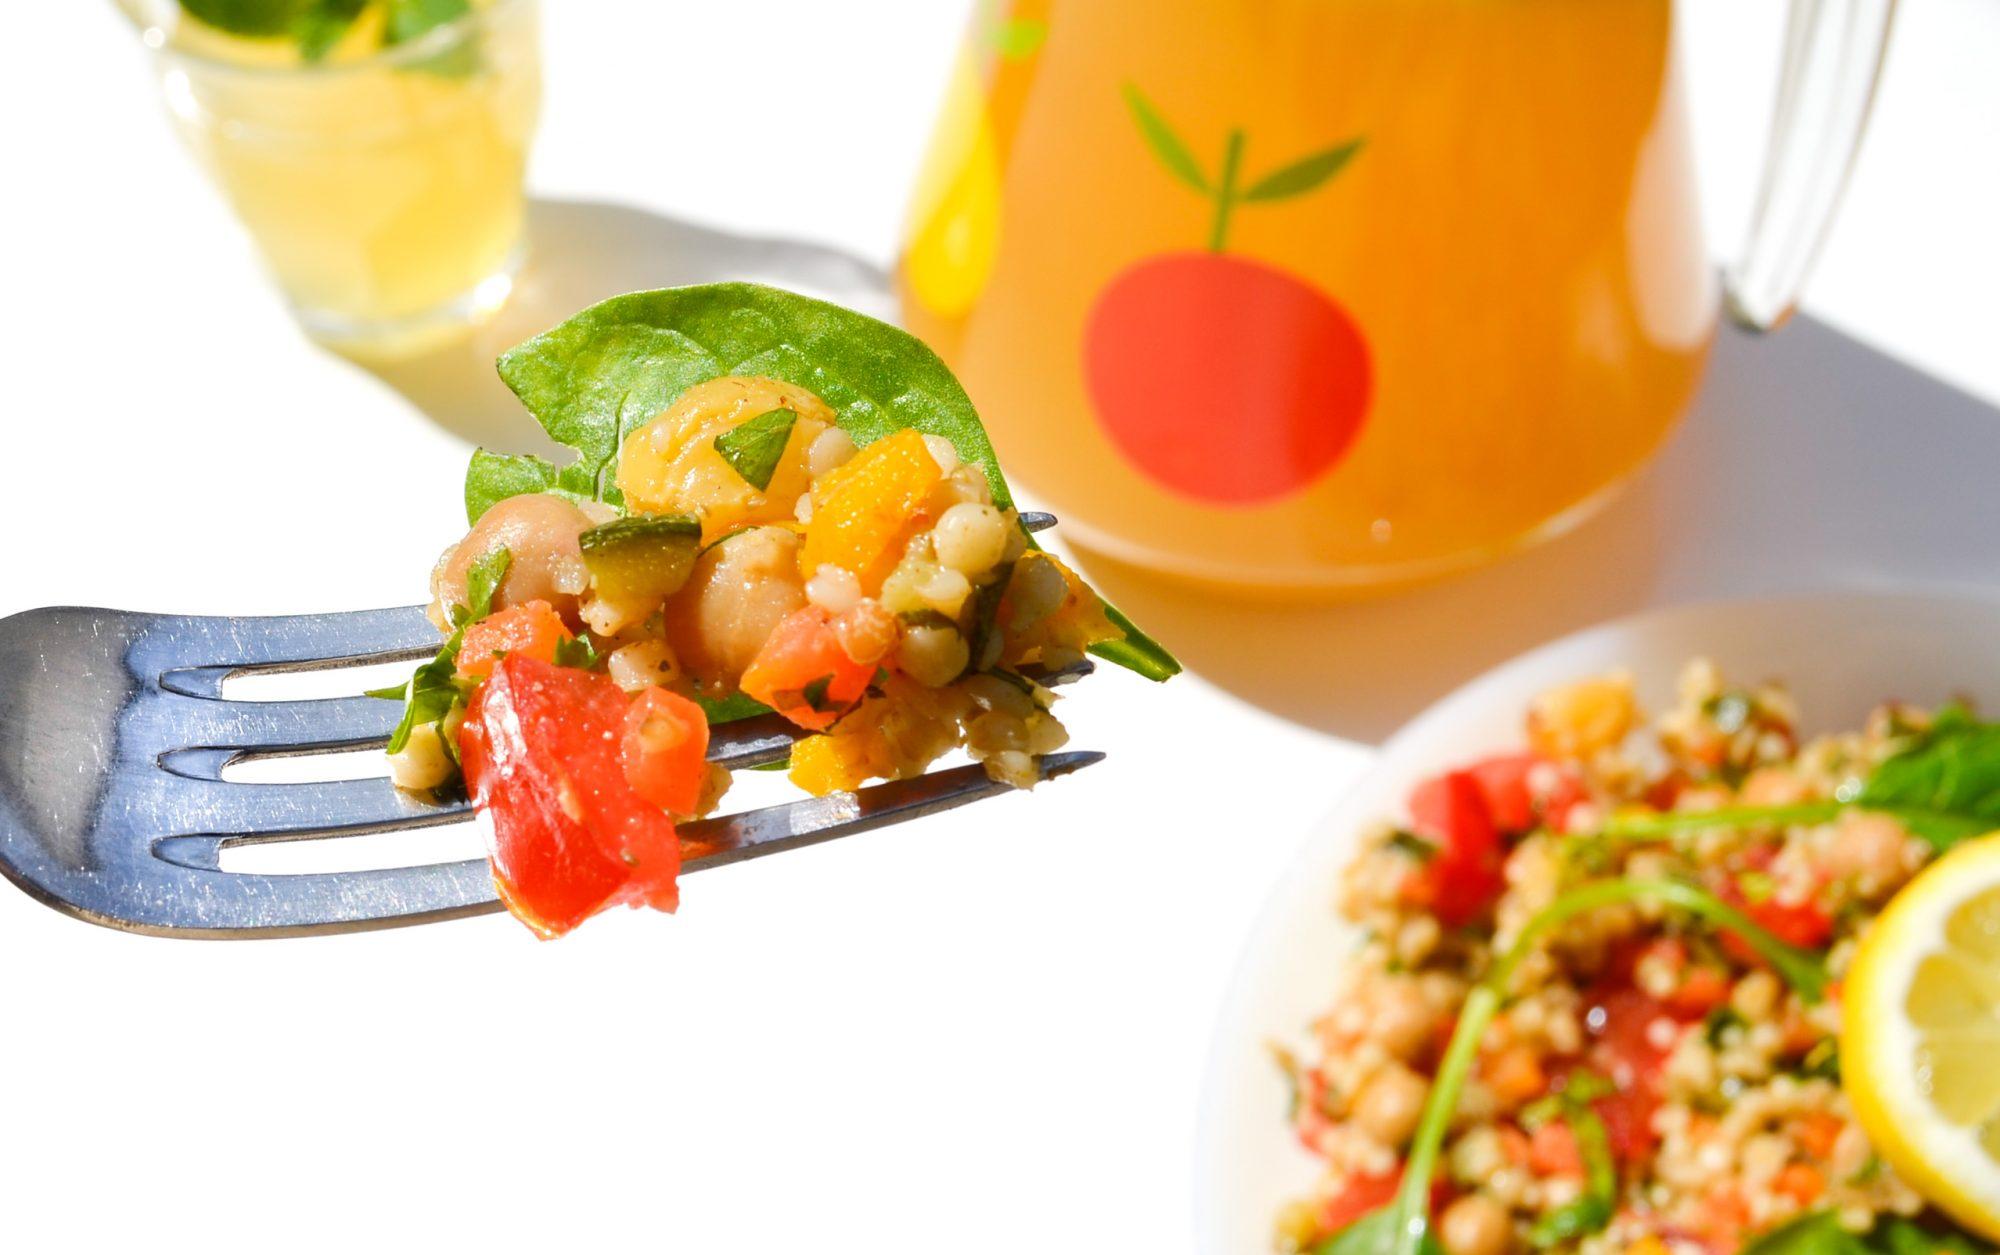 sunshine-tabbouleh-boulghour-petits-legumes-confits-fourchette taboule